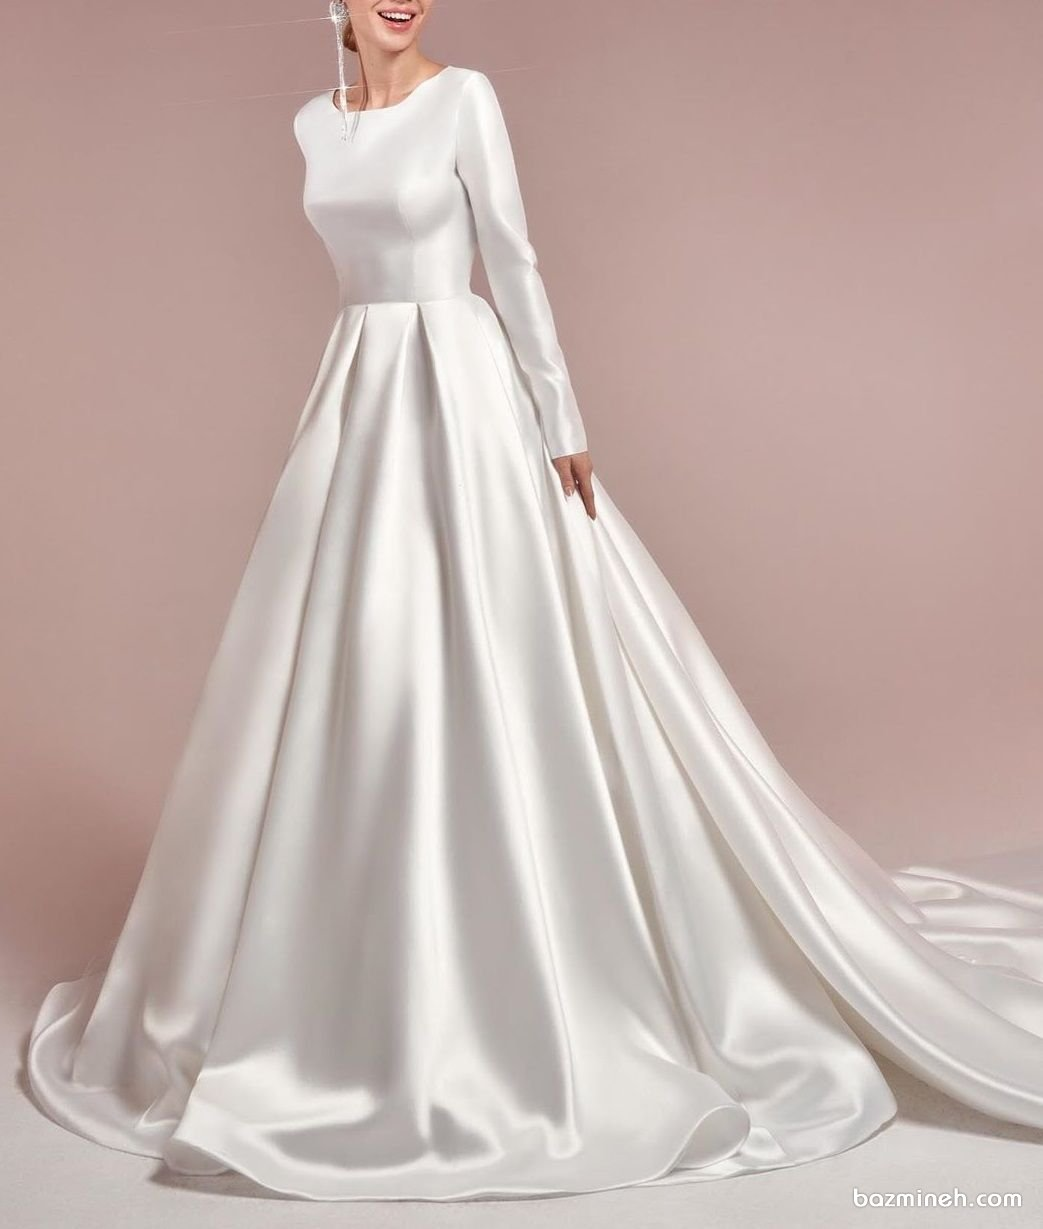 لباس عروس ساده و شیک پوشیده مدلی زیبا برای خانمهای ساده پسند در مراسم فرمالیته